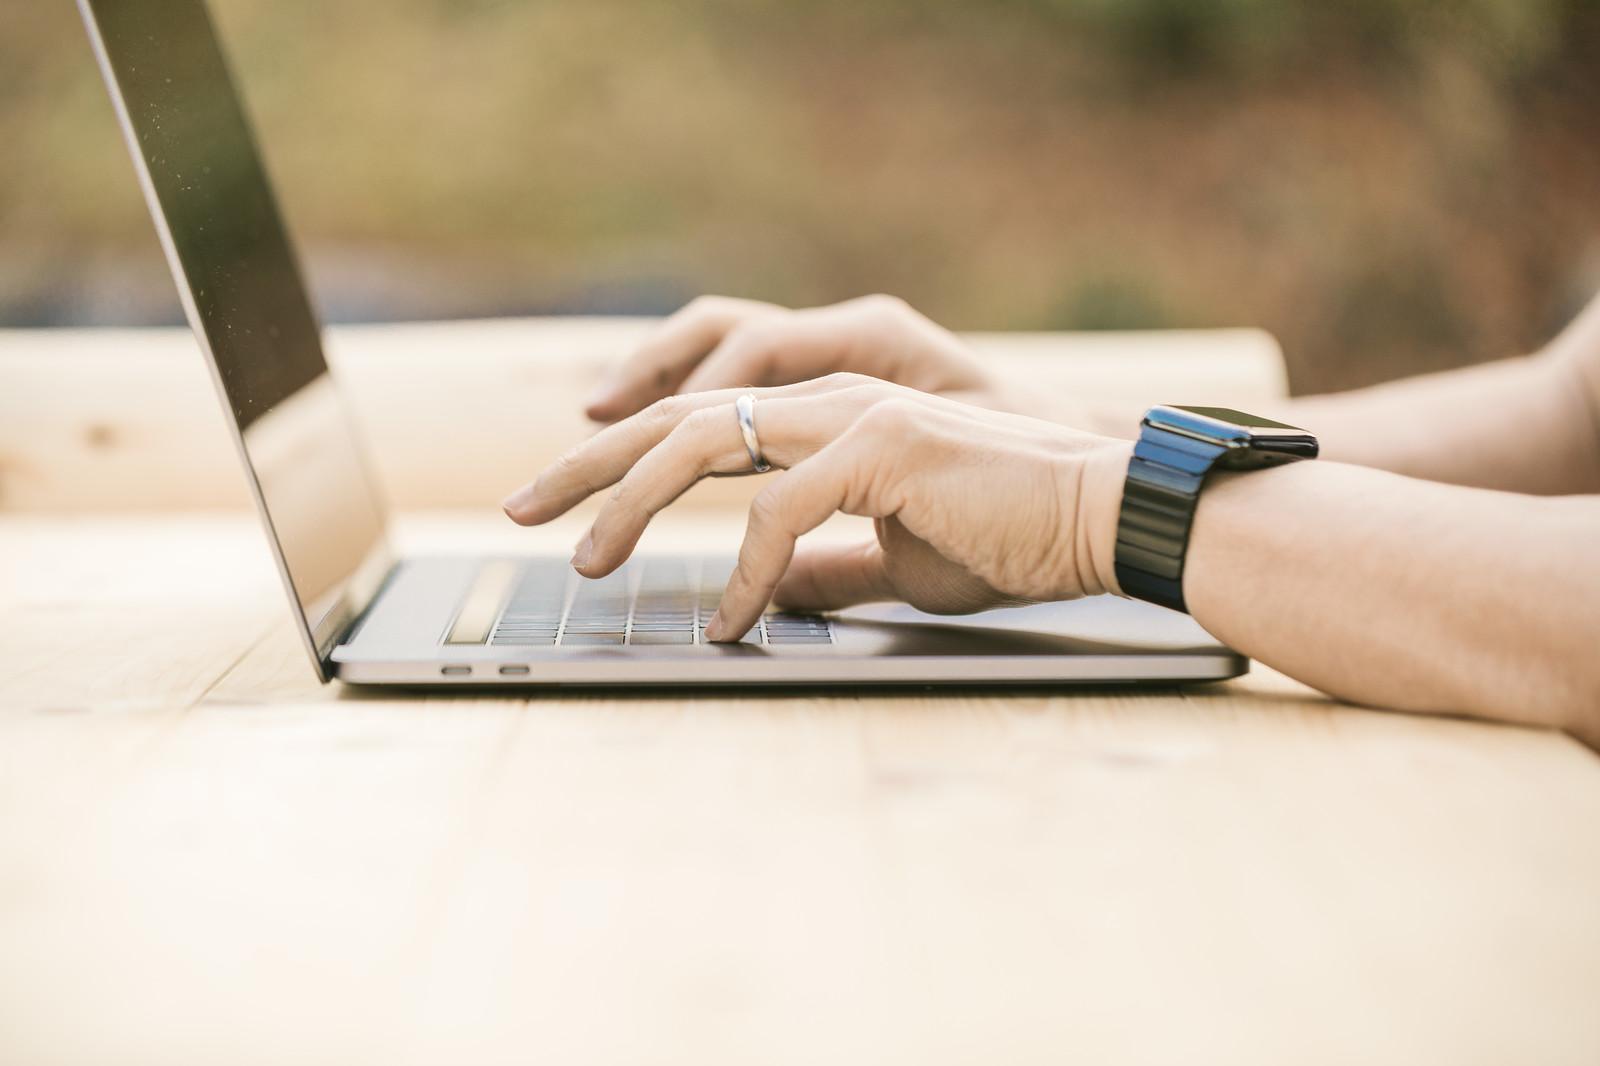 ウェブサイト企業の強み